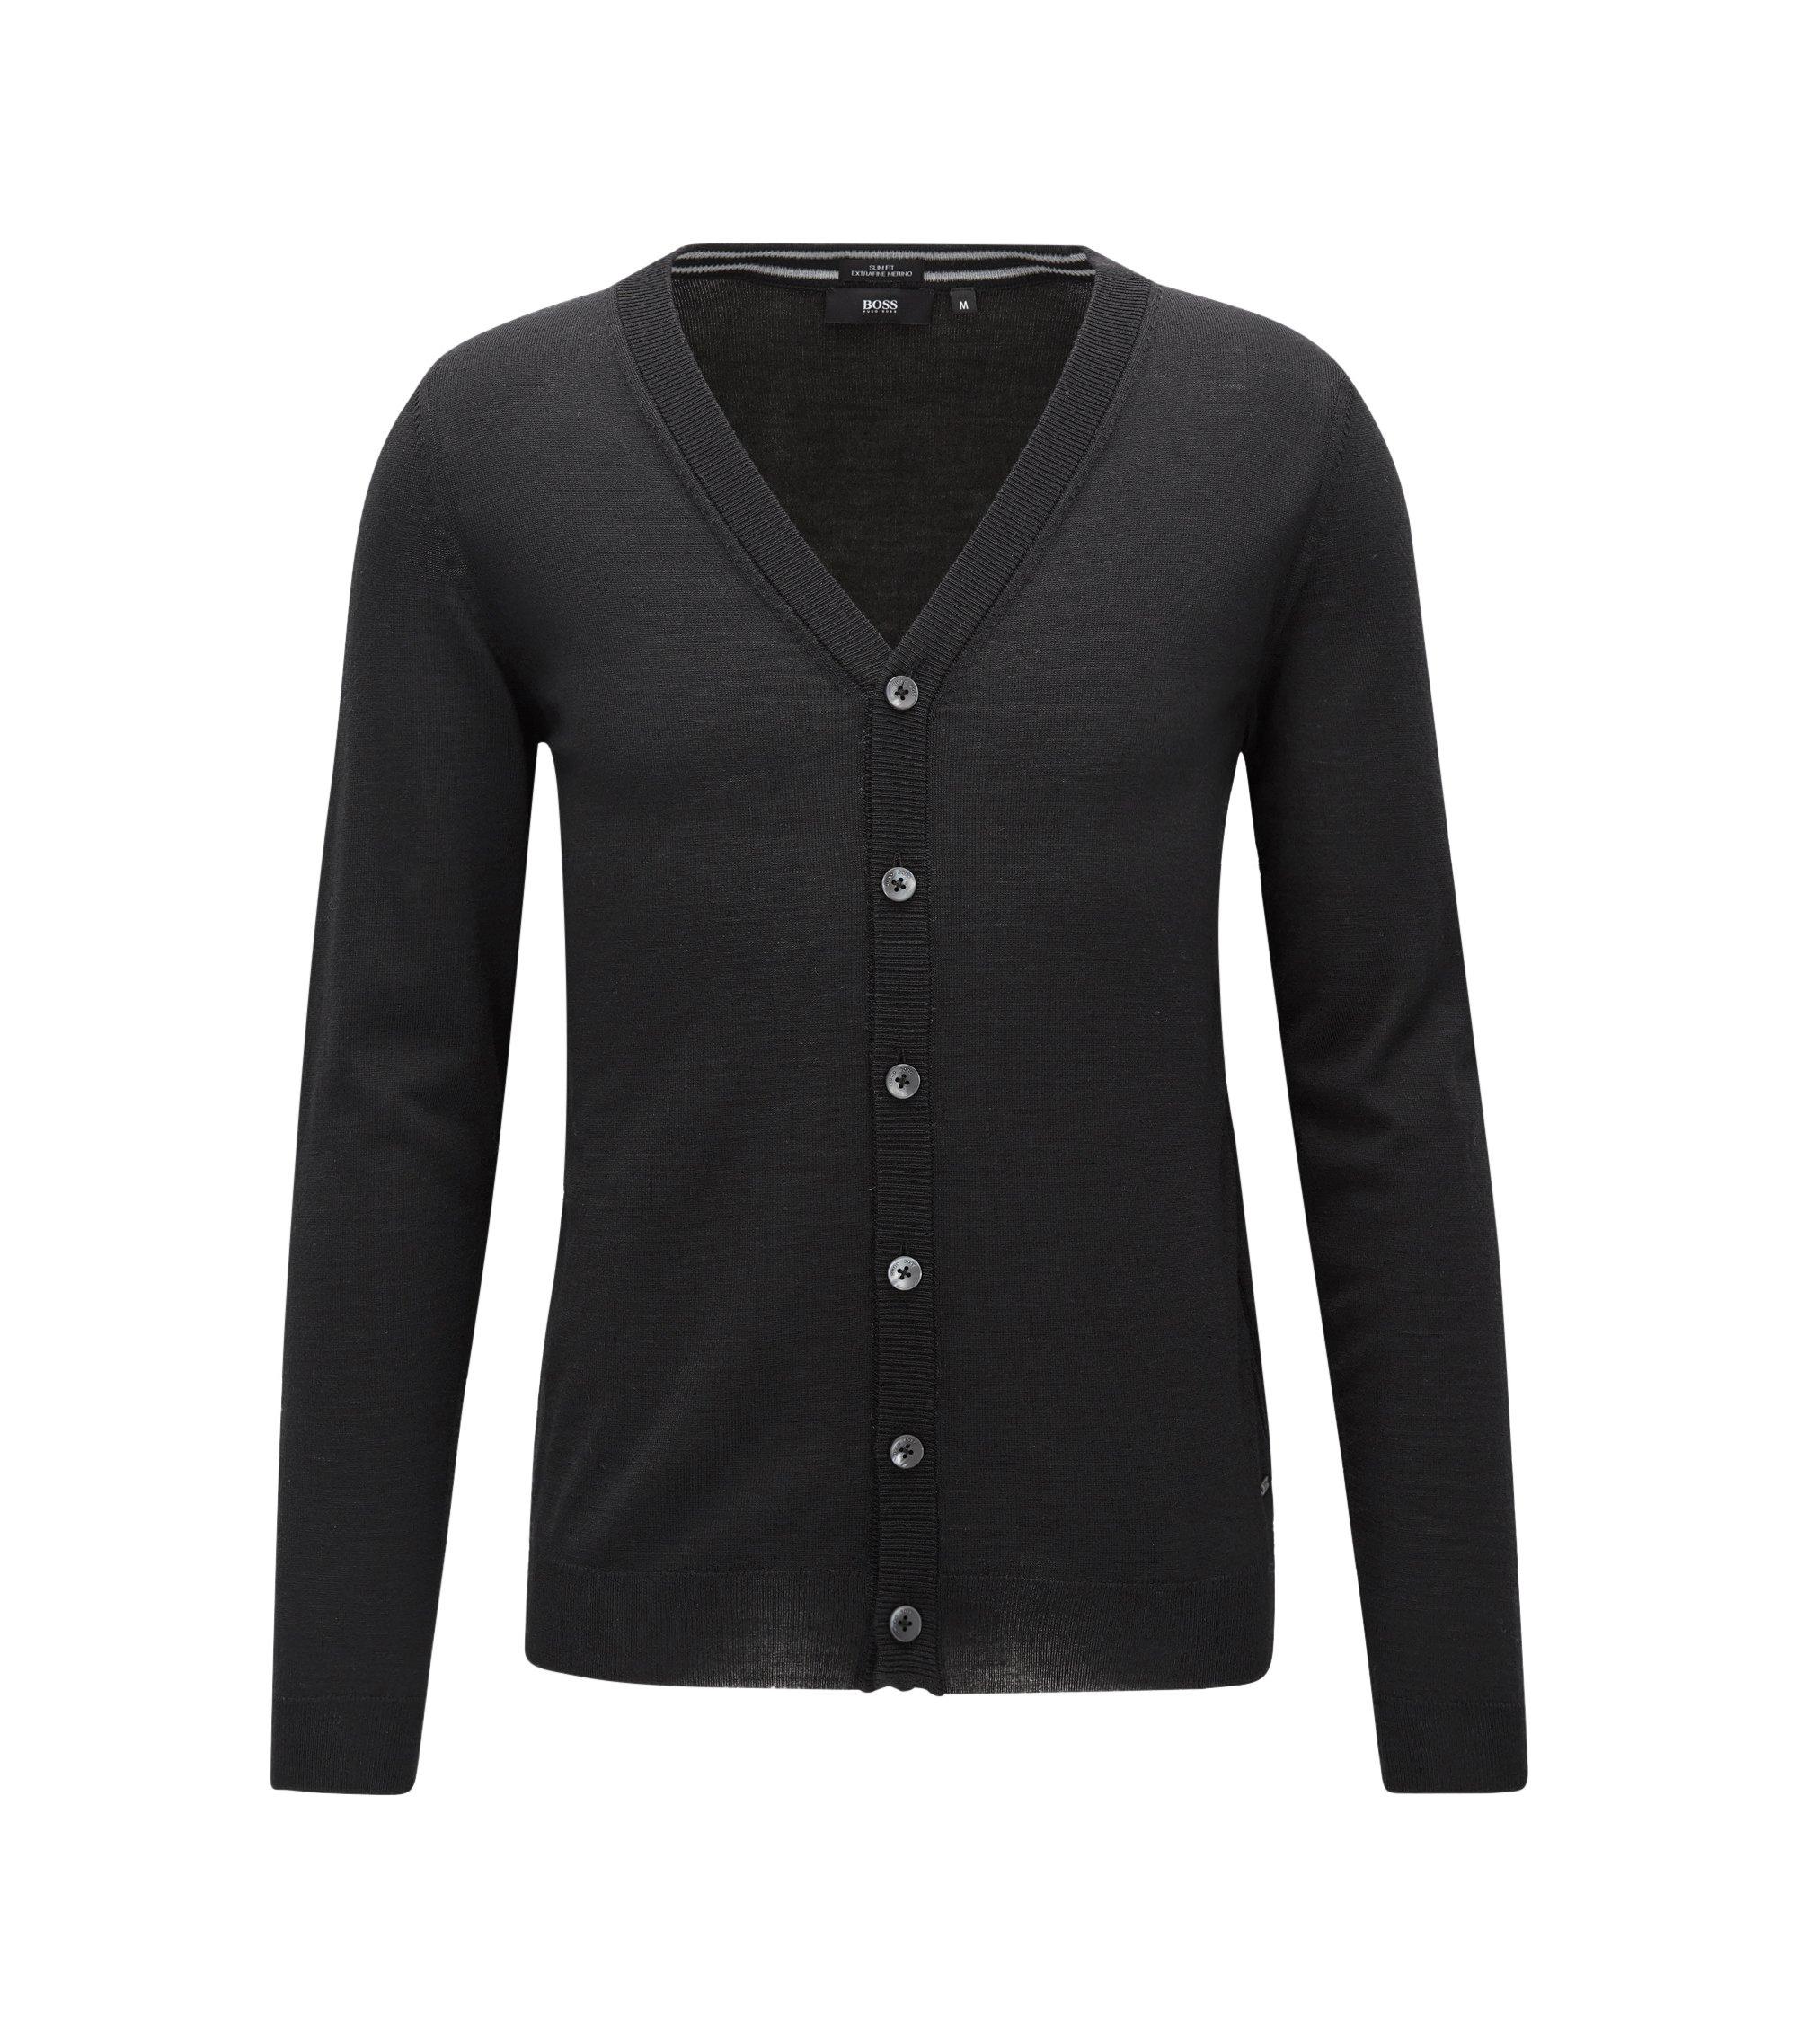 Slim-fit cardigan in merino wool, Black